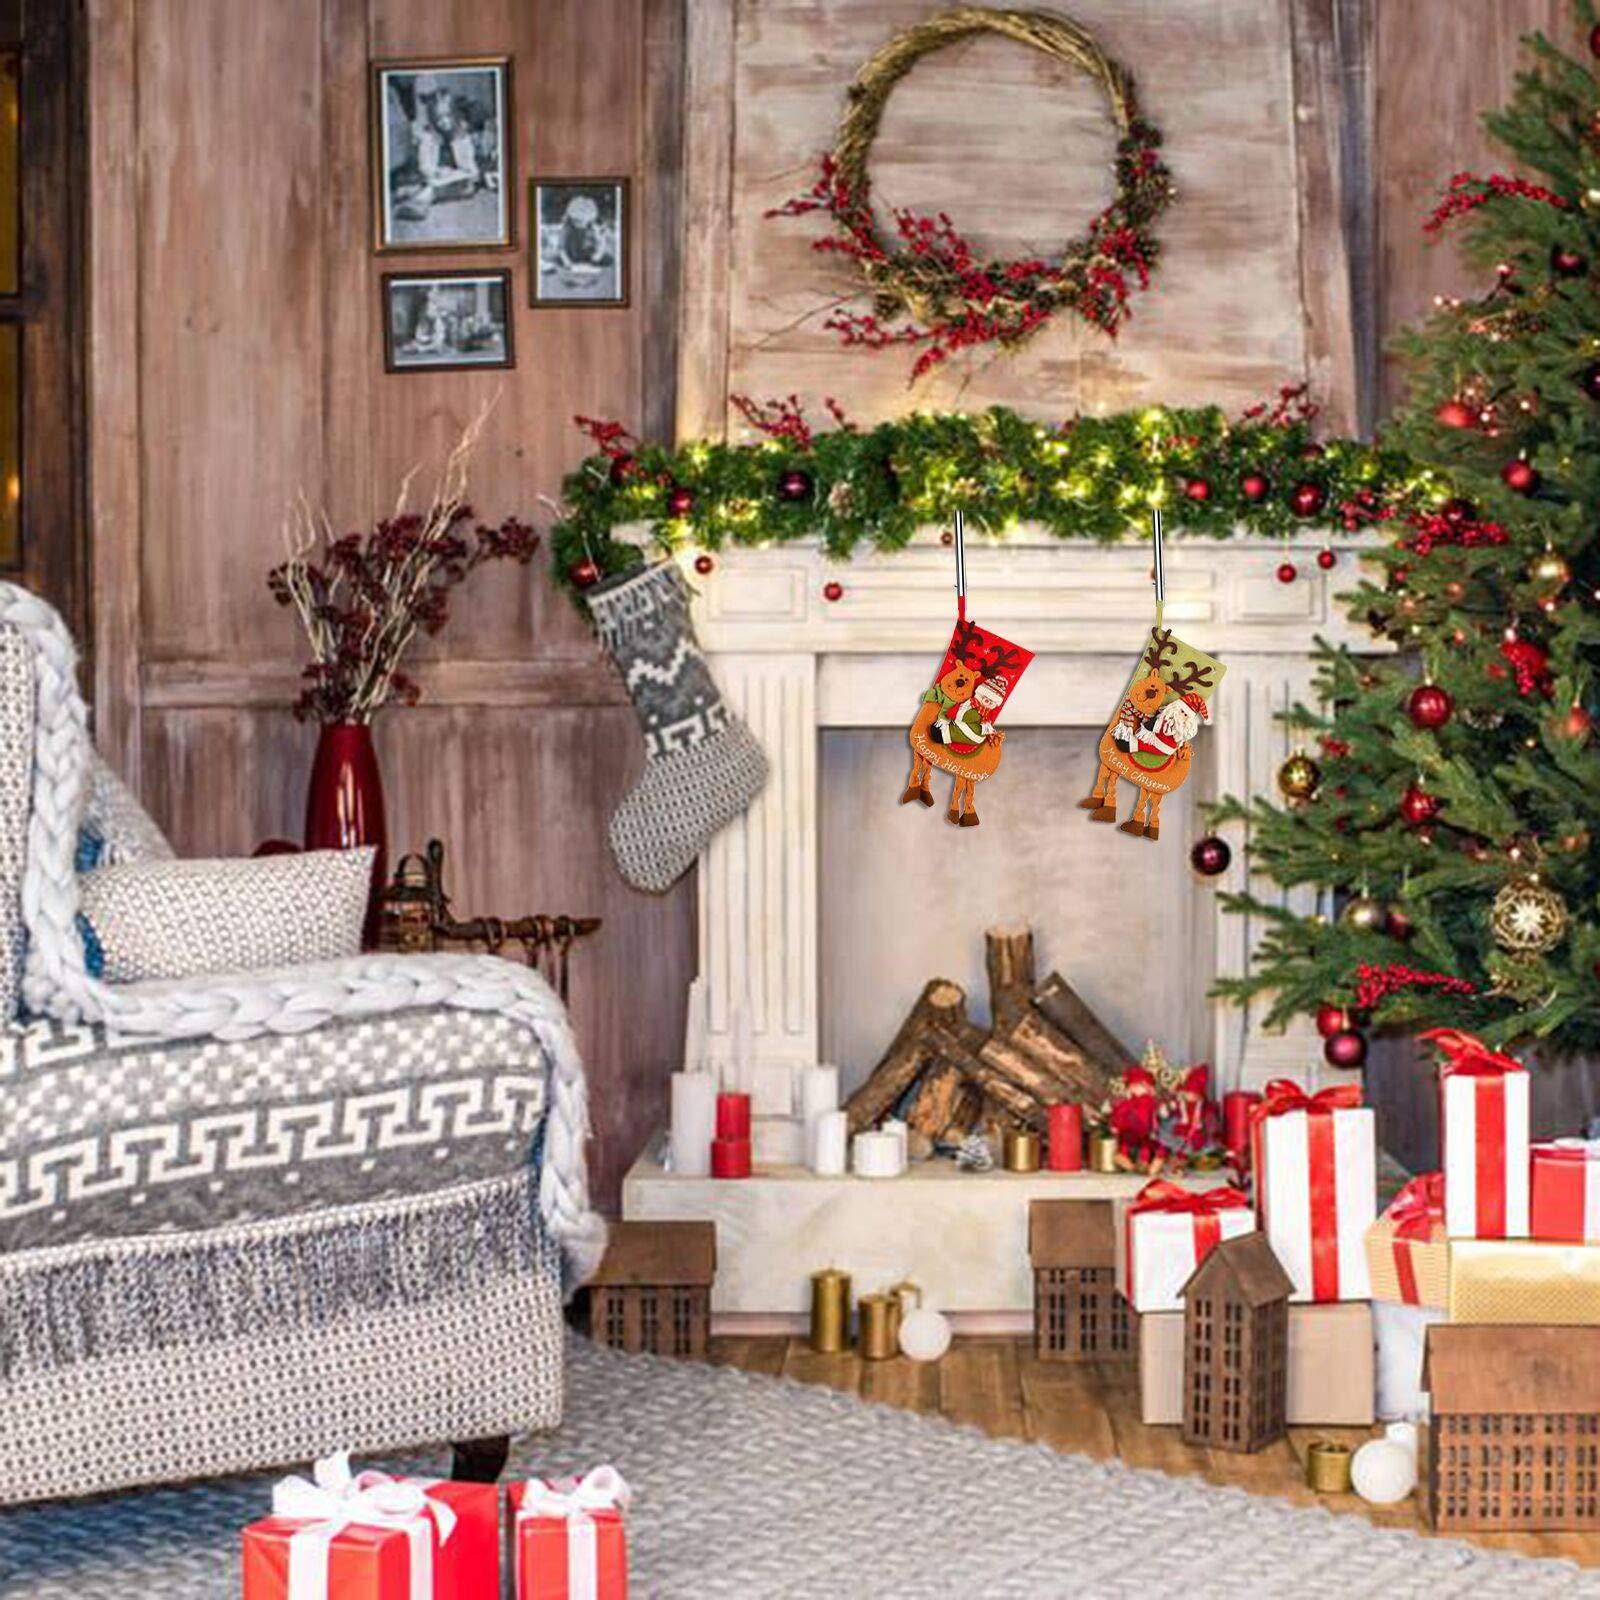 TAZEMAT 4 Stück Weihnachtsstrumpf Halter Weihnachtsstrumpf-Haken Metall quadratische Halter für Kaminsimse mit rutschfestem Design für Weihnachten Party Dekoration